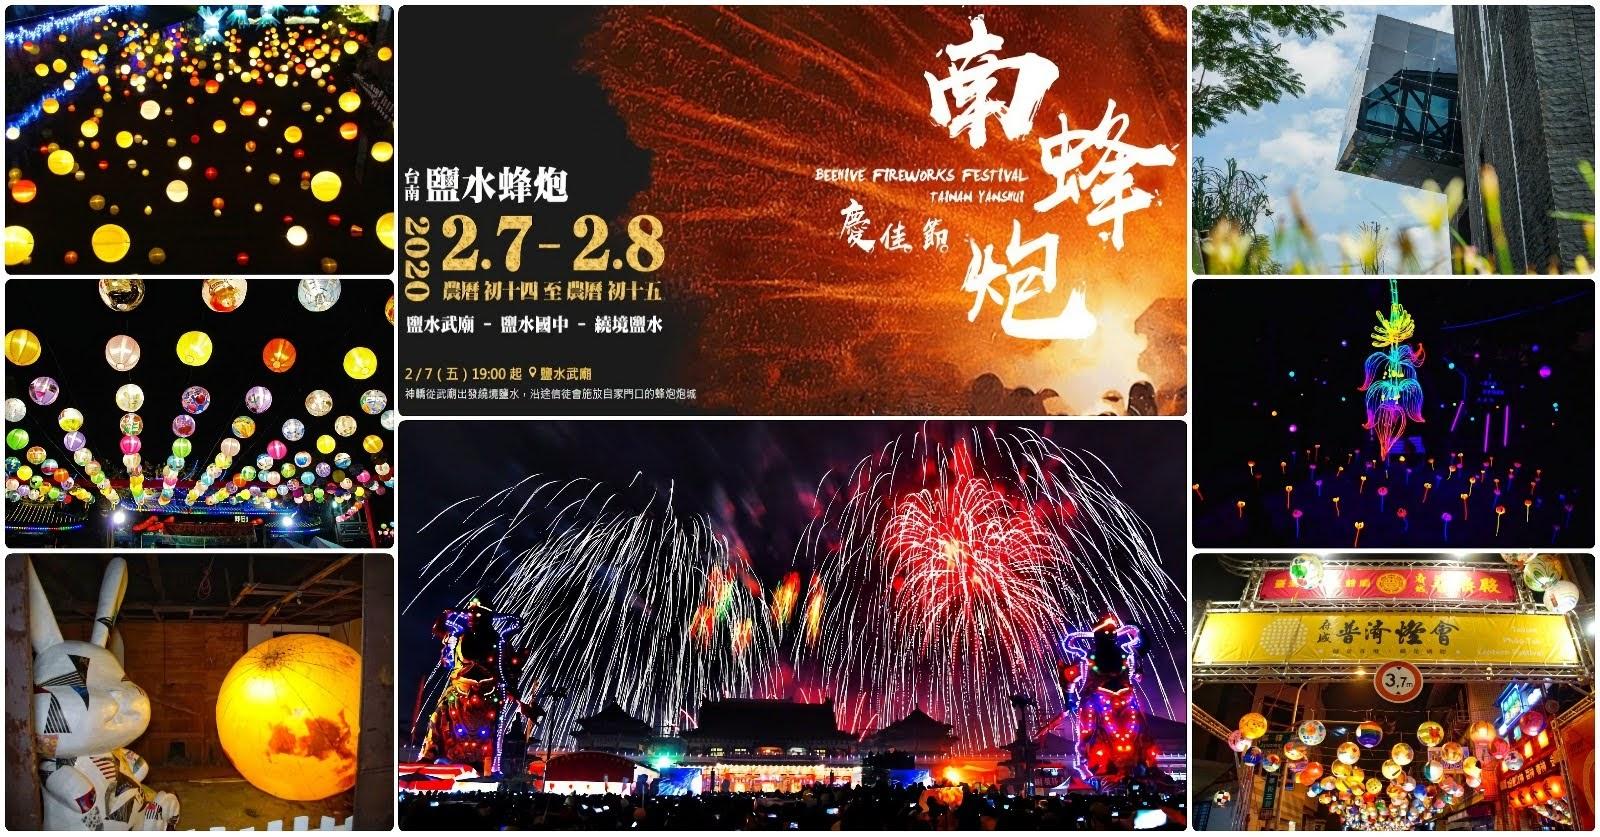 [活動] 2020 2/7-/2/9 台南週末活動整理|本週末活動數:51